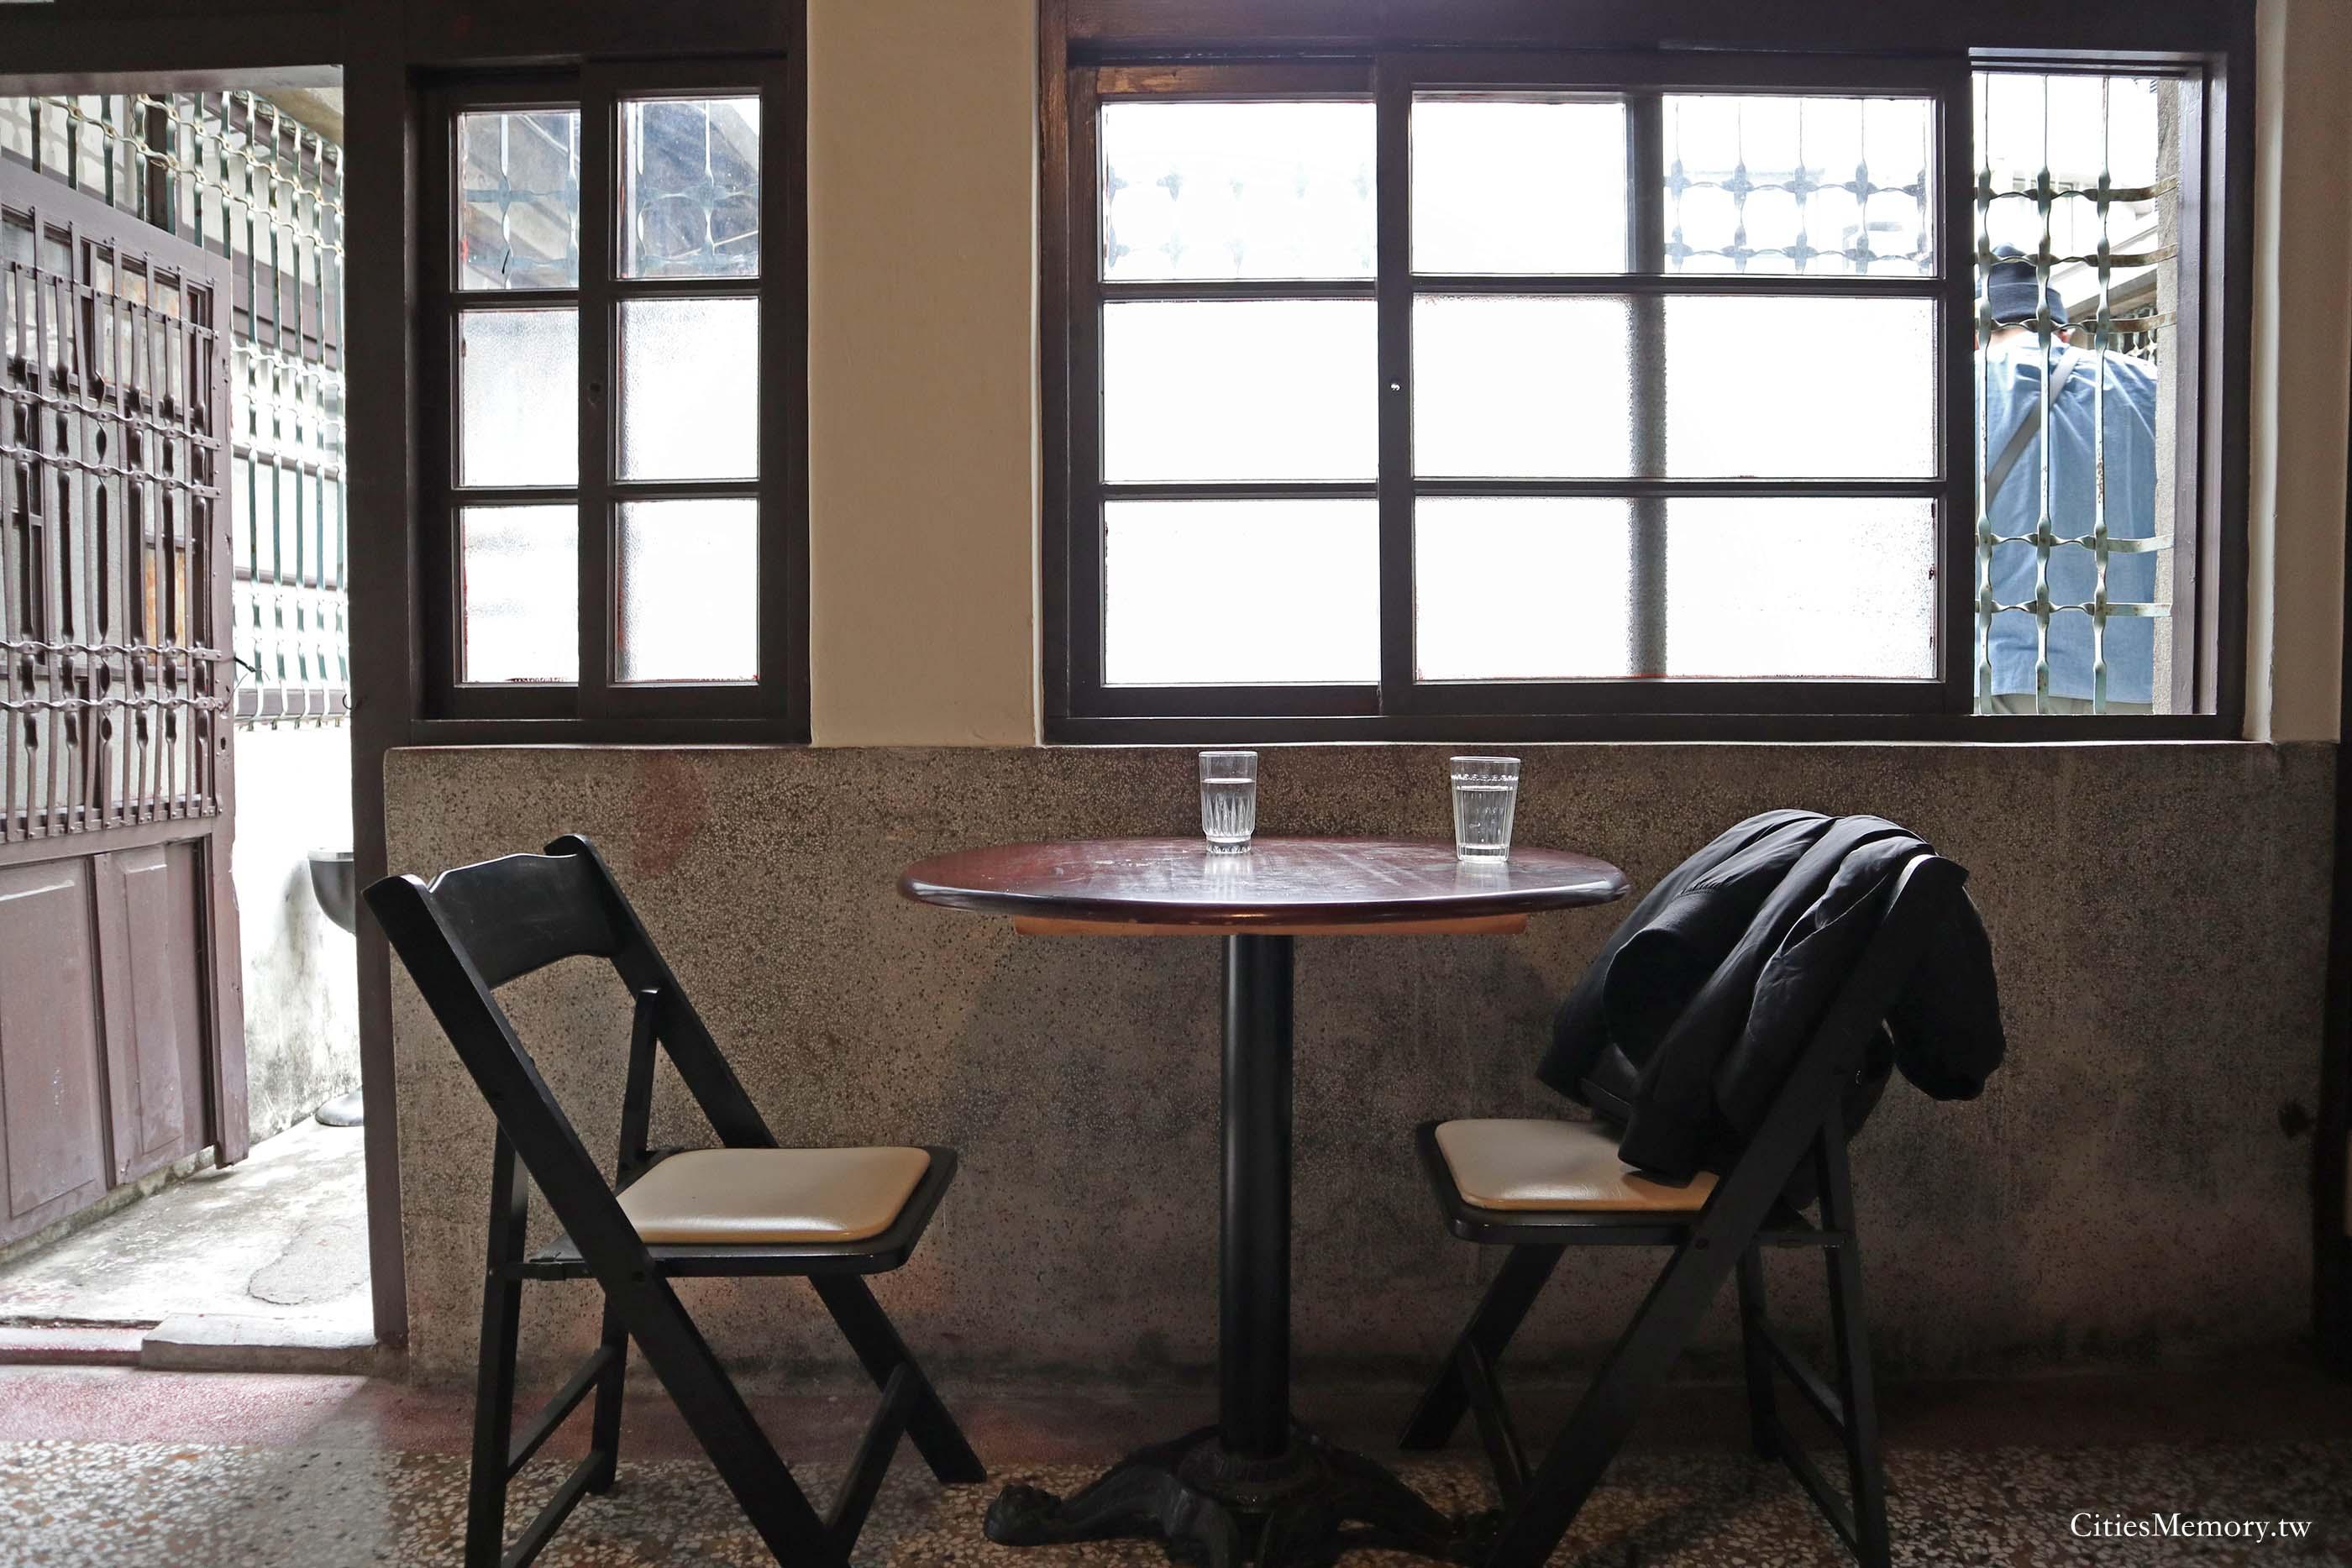 書店喫茶店內10